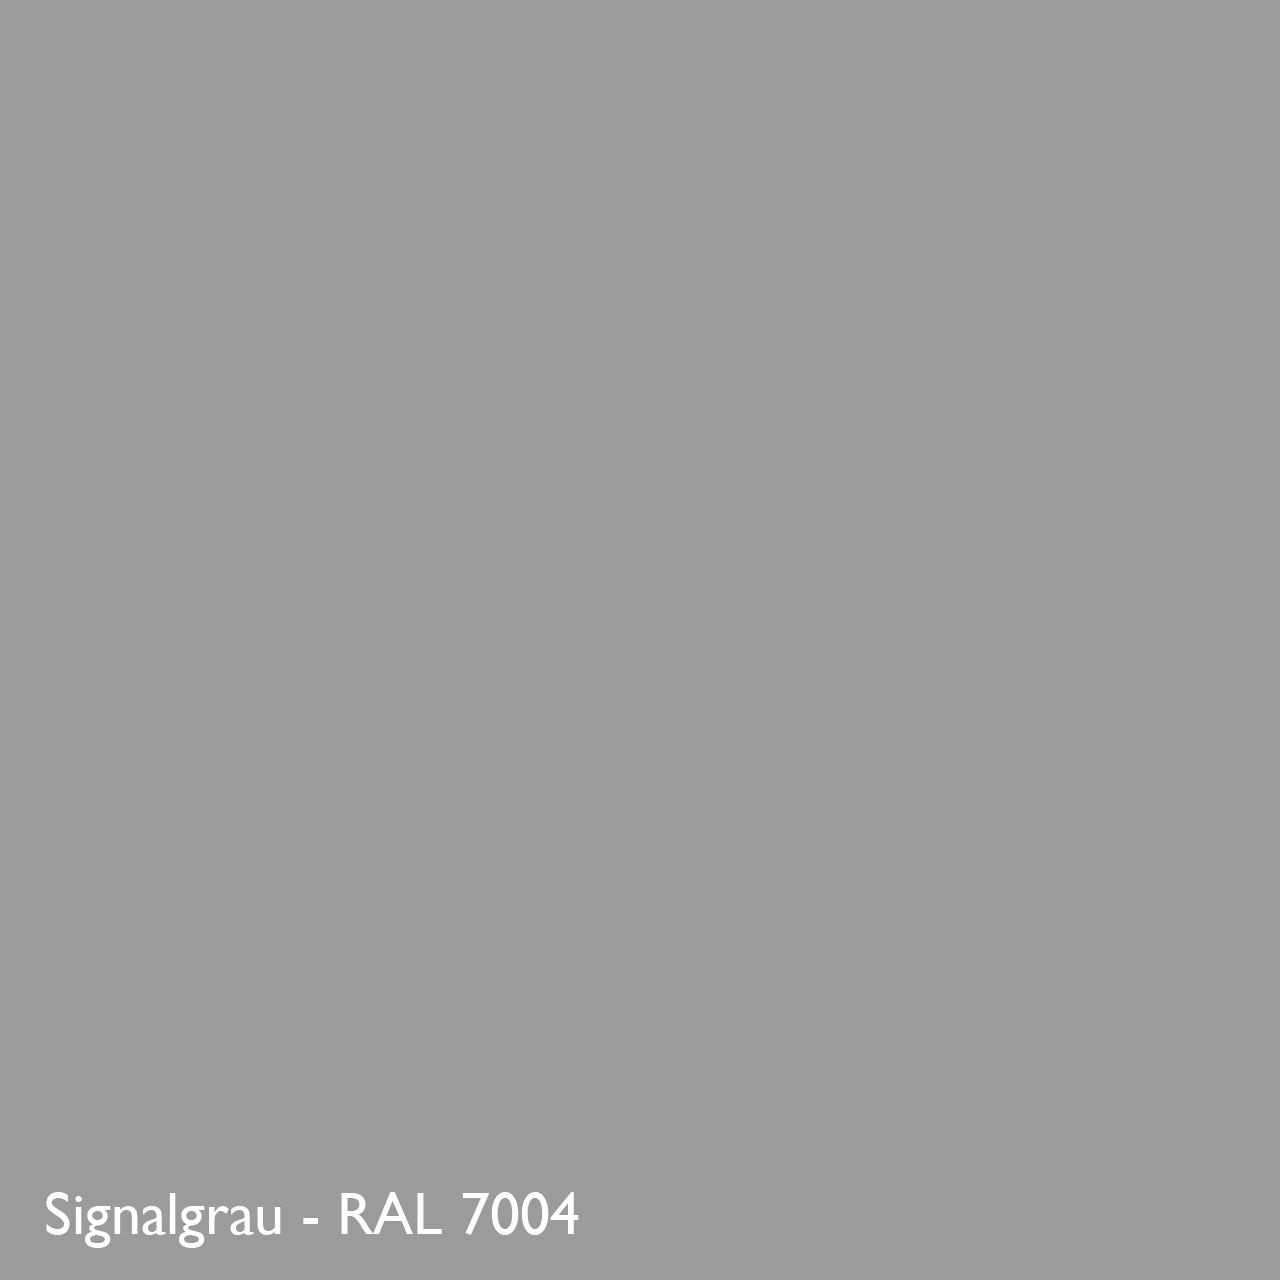 Farbkachel Manufakt Signalgrau - RAL 7004